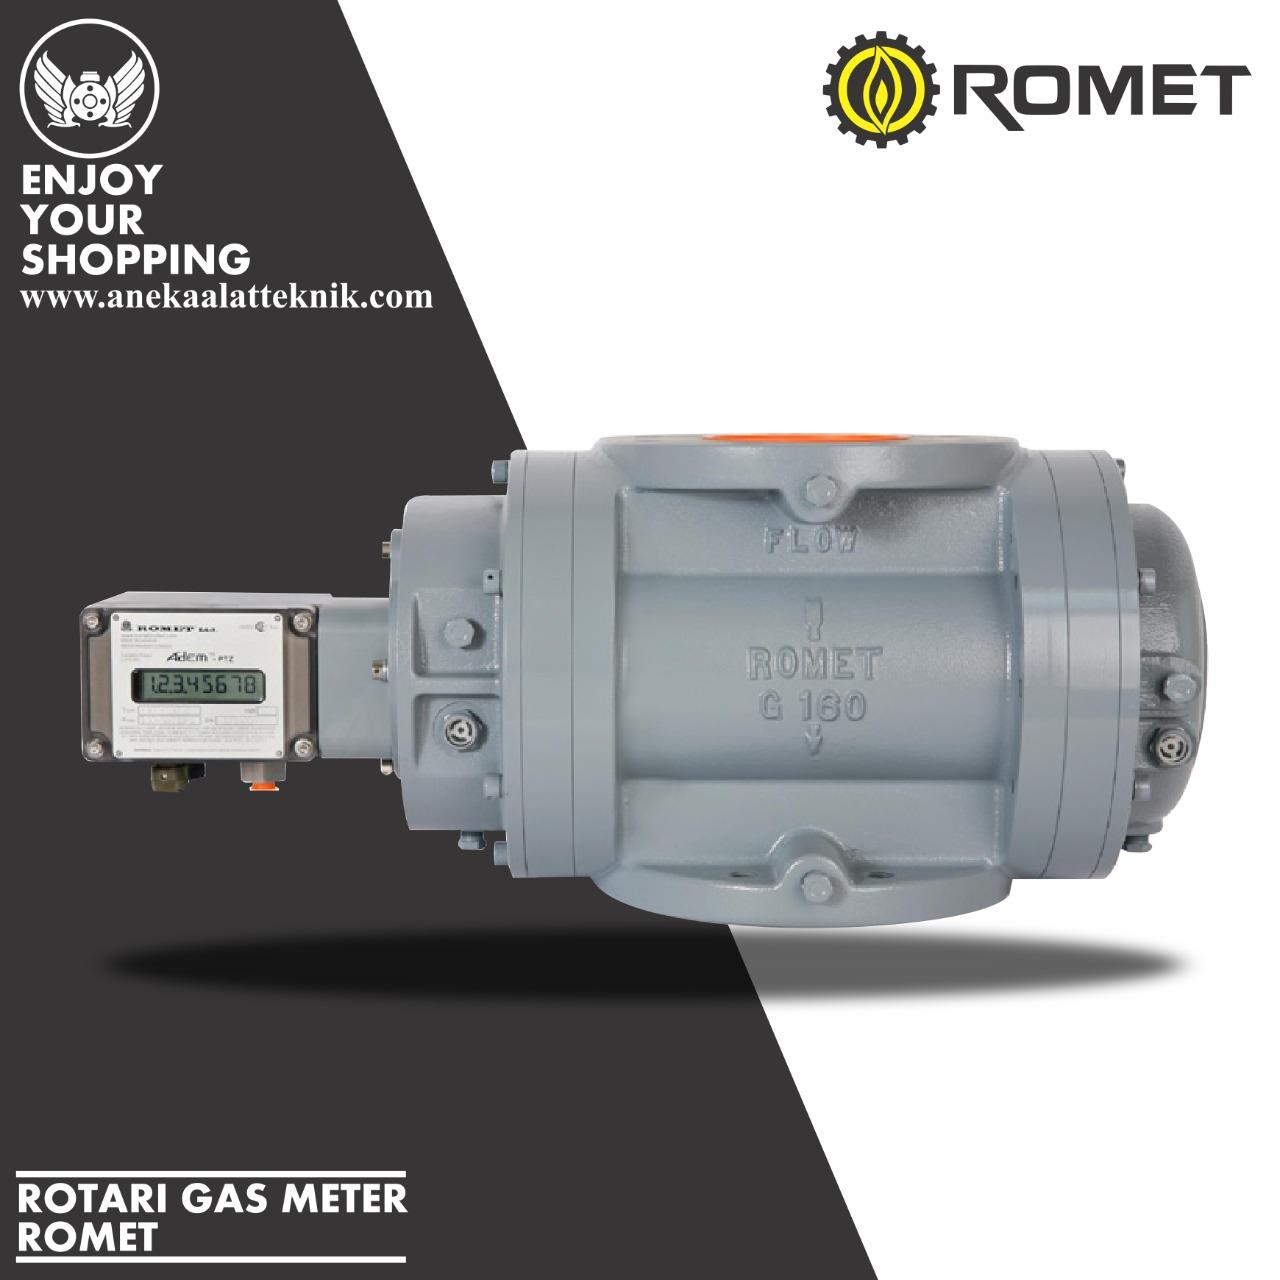 ROTARI GAS METER ROMET